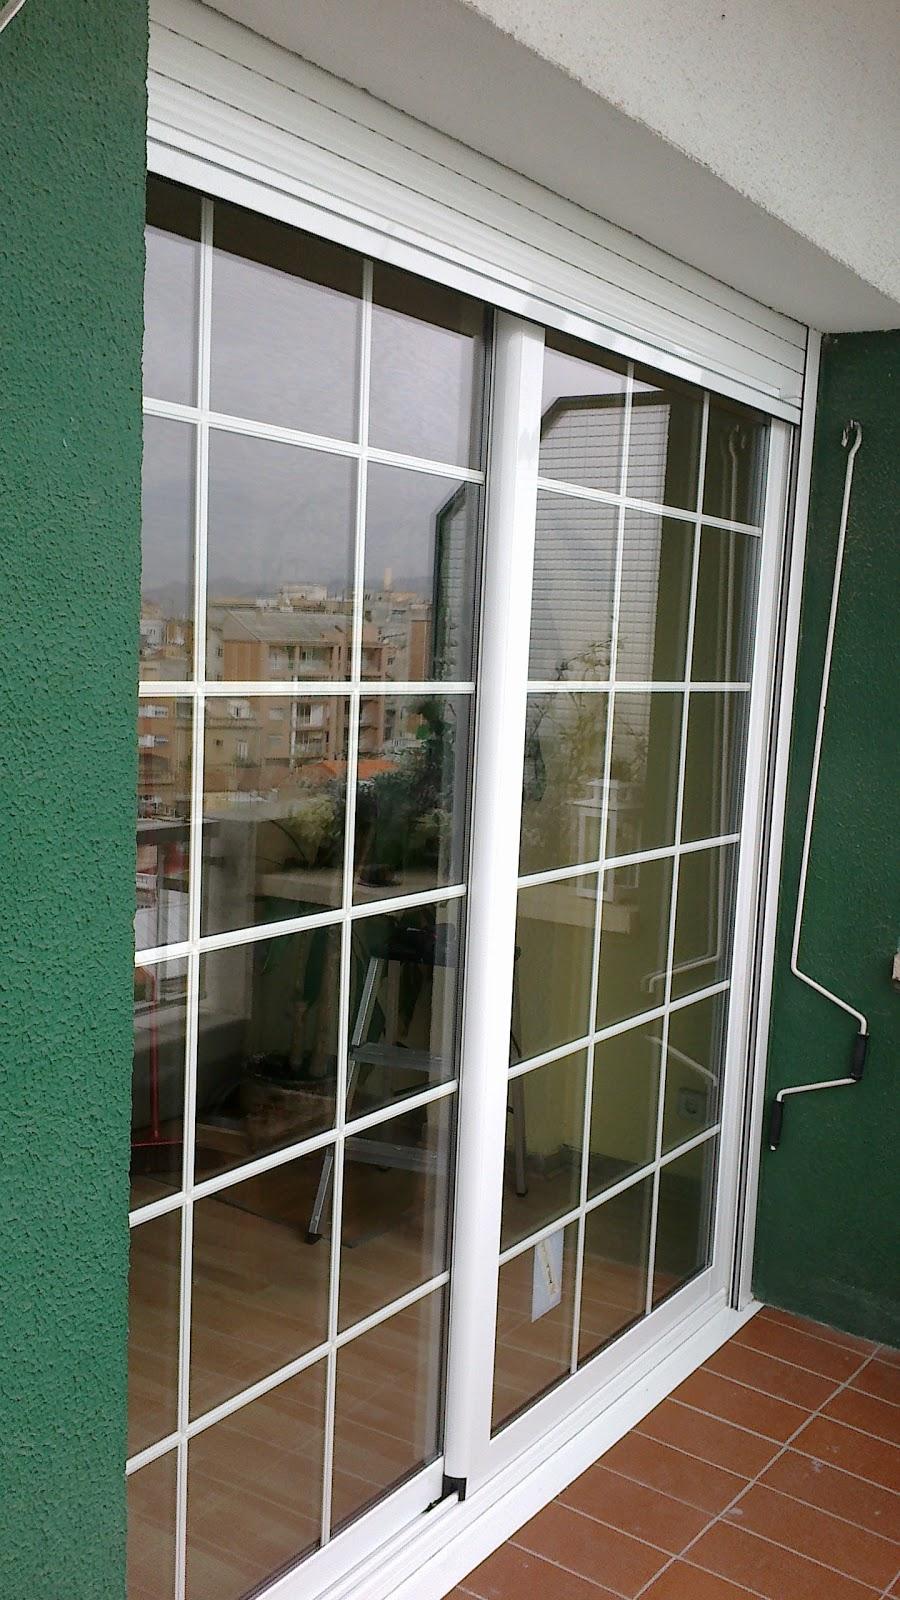 V i c a r for Puertas corredizas aluminio para exterior